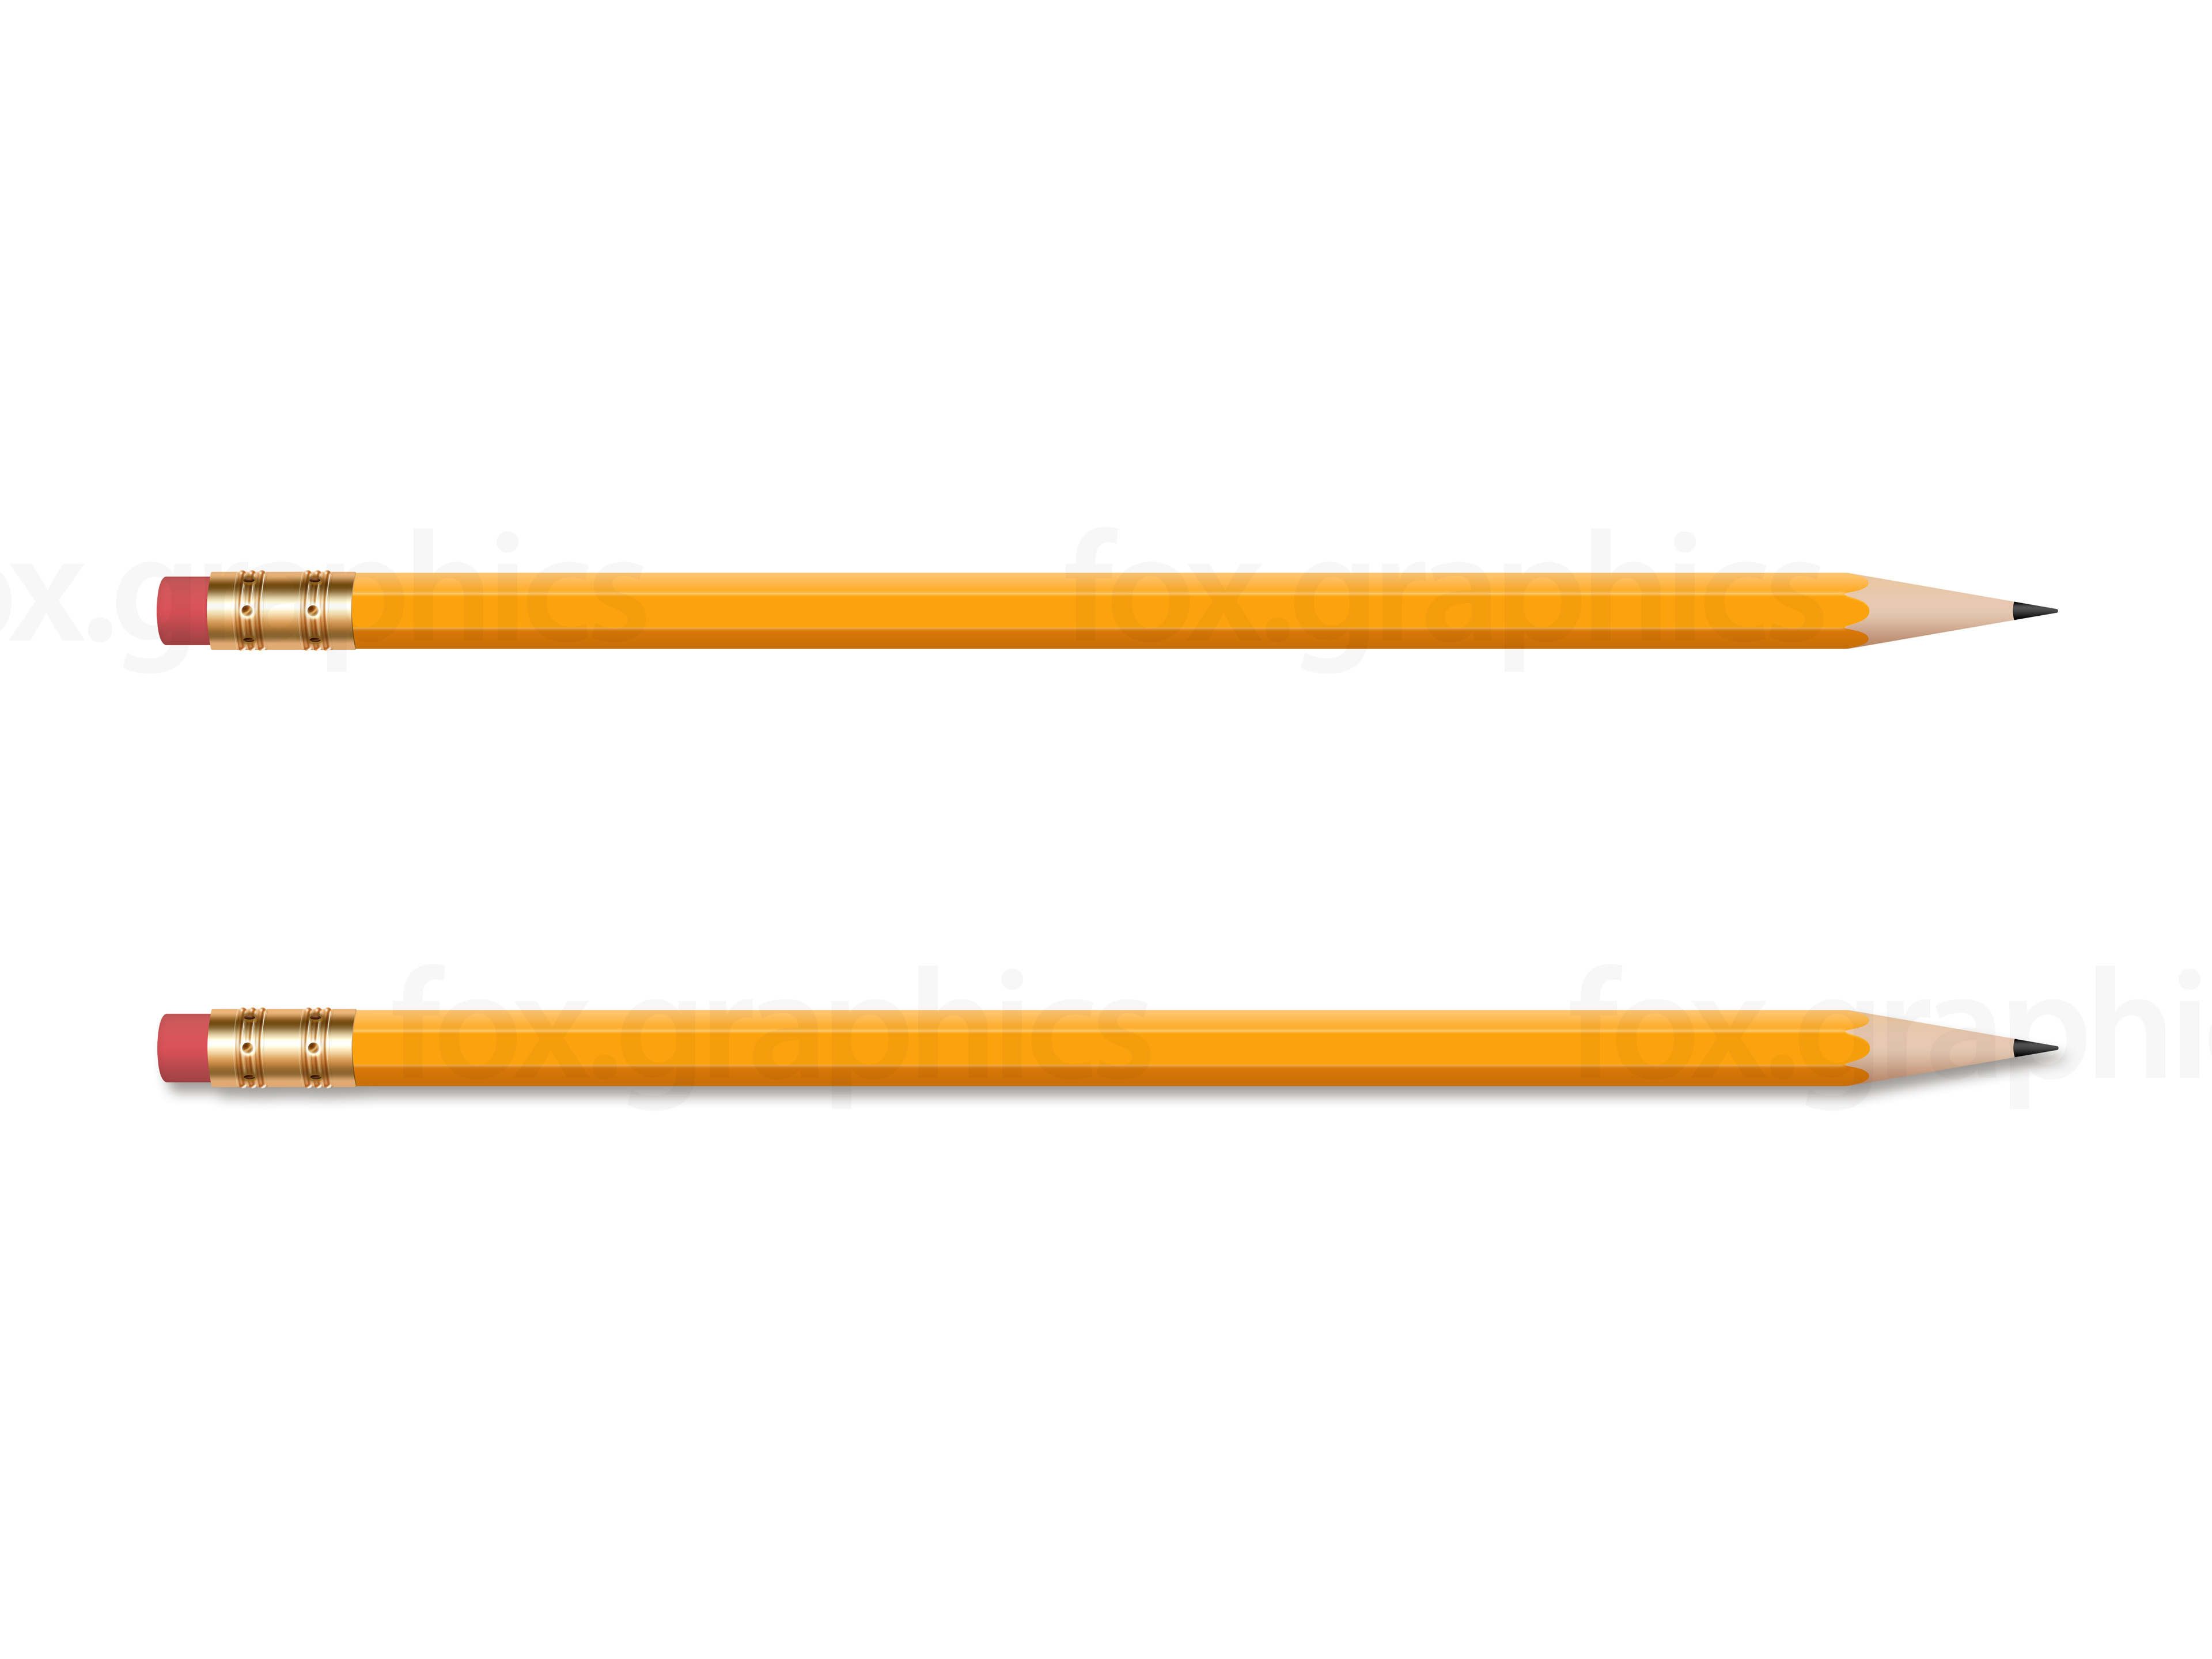 Pencil HD PNG - 120162